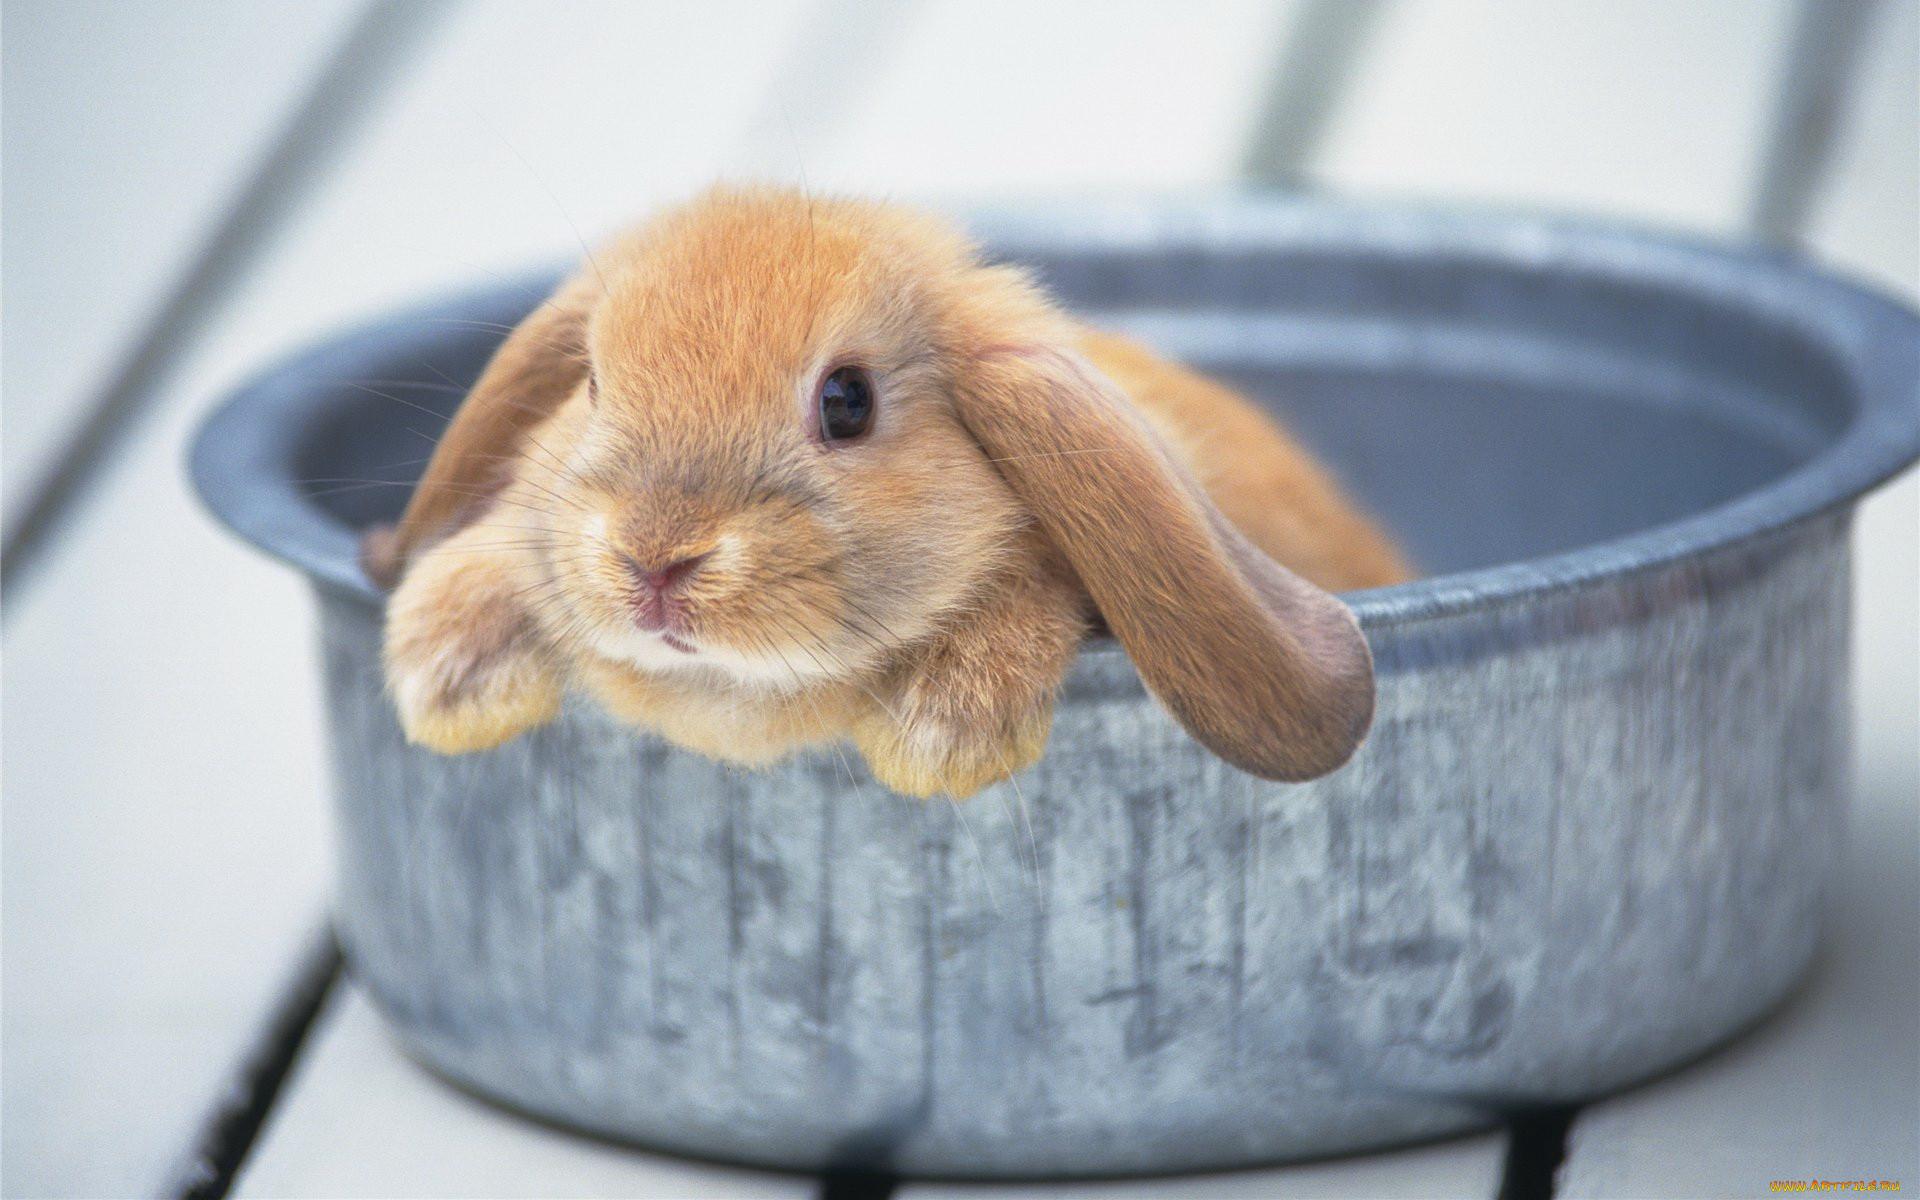 содержание милые картинки зайцев нет абсолютно